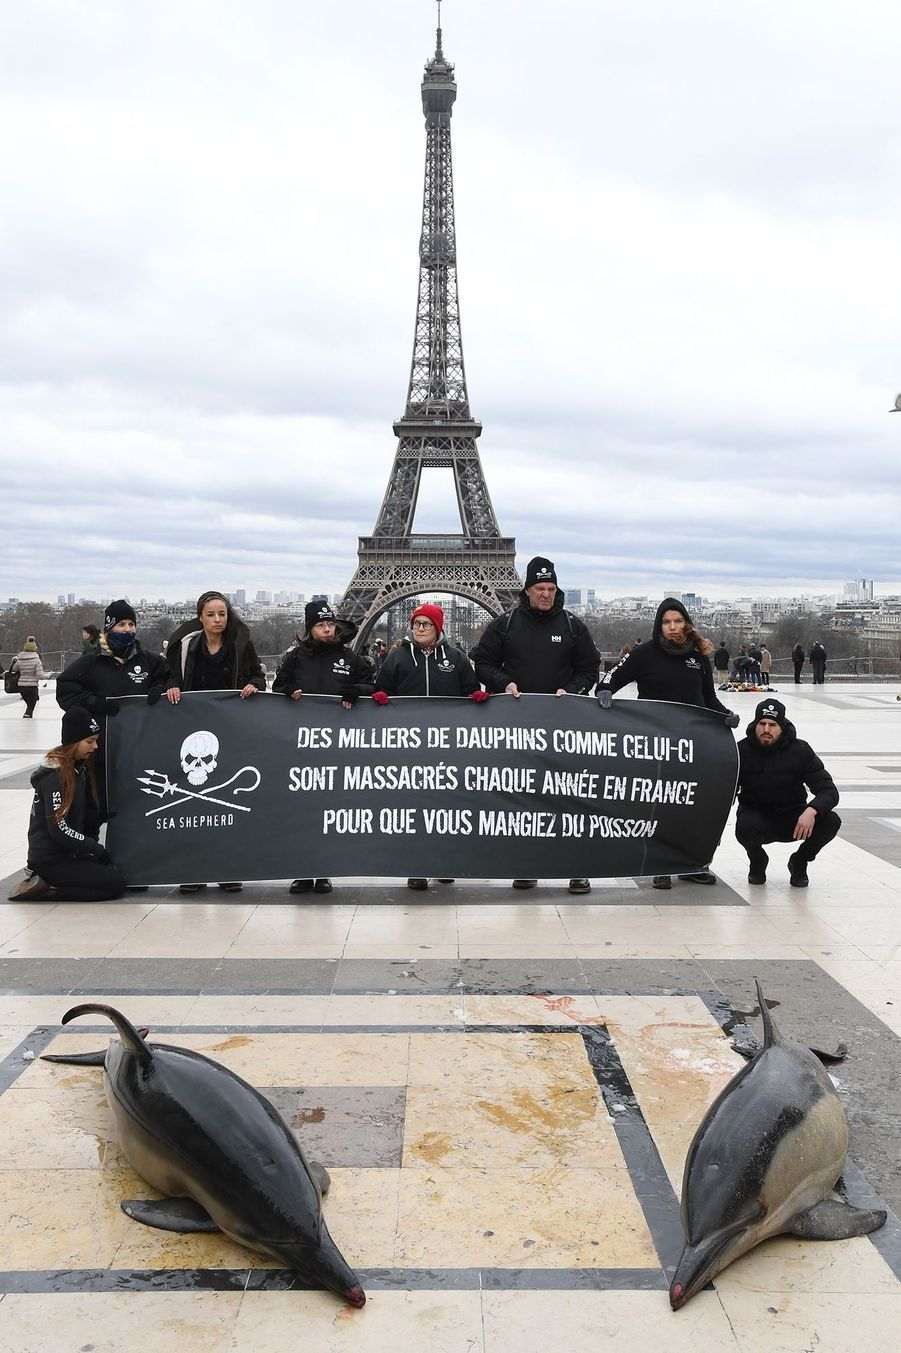 Deux dauphins morts jonchent le parterre du Trocadéro, à Paris, le 14 janvier. L'action a été menée par Sea Shepherd pour pointer du doigt les pics d'échouage de cétacés.